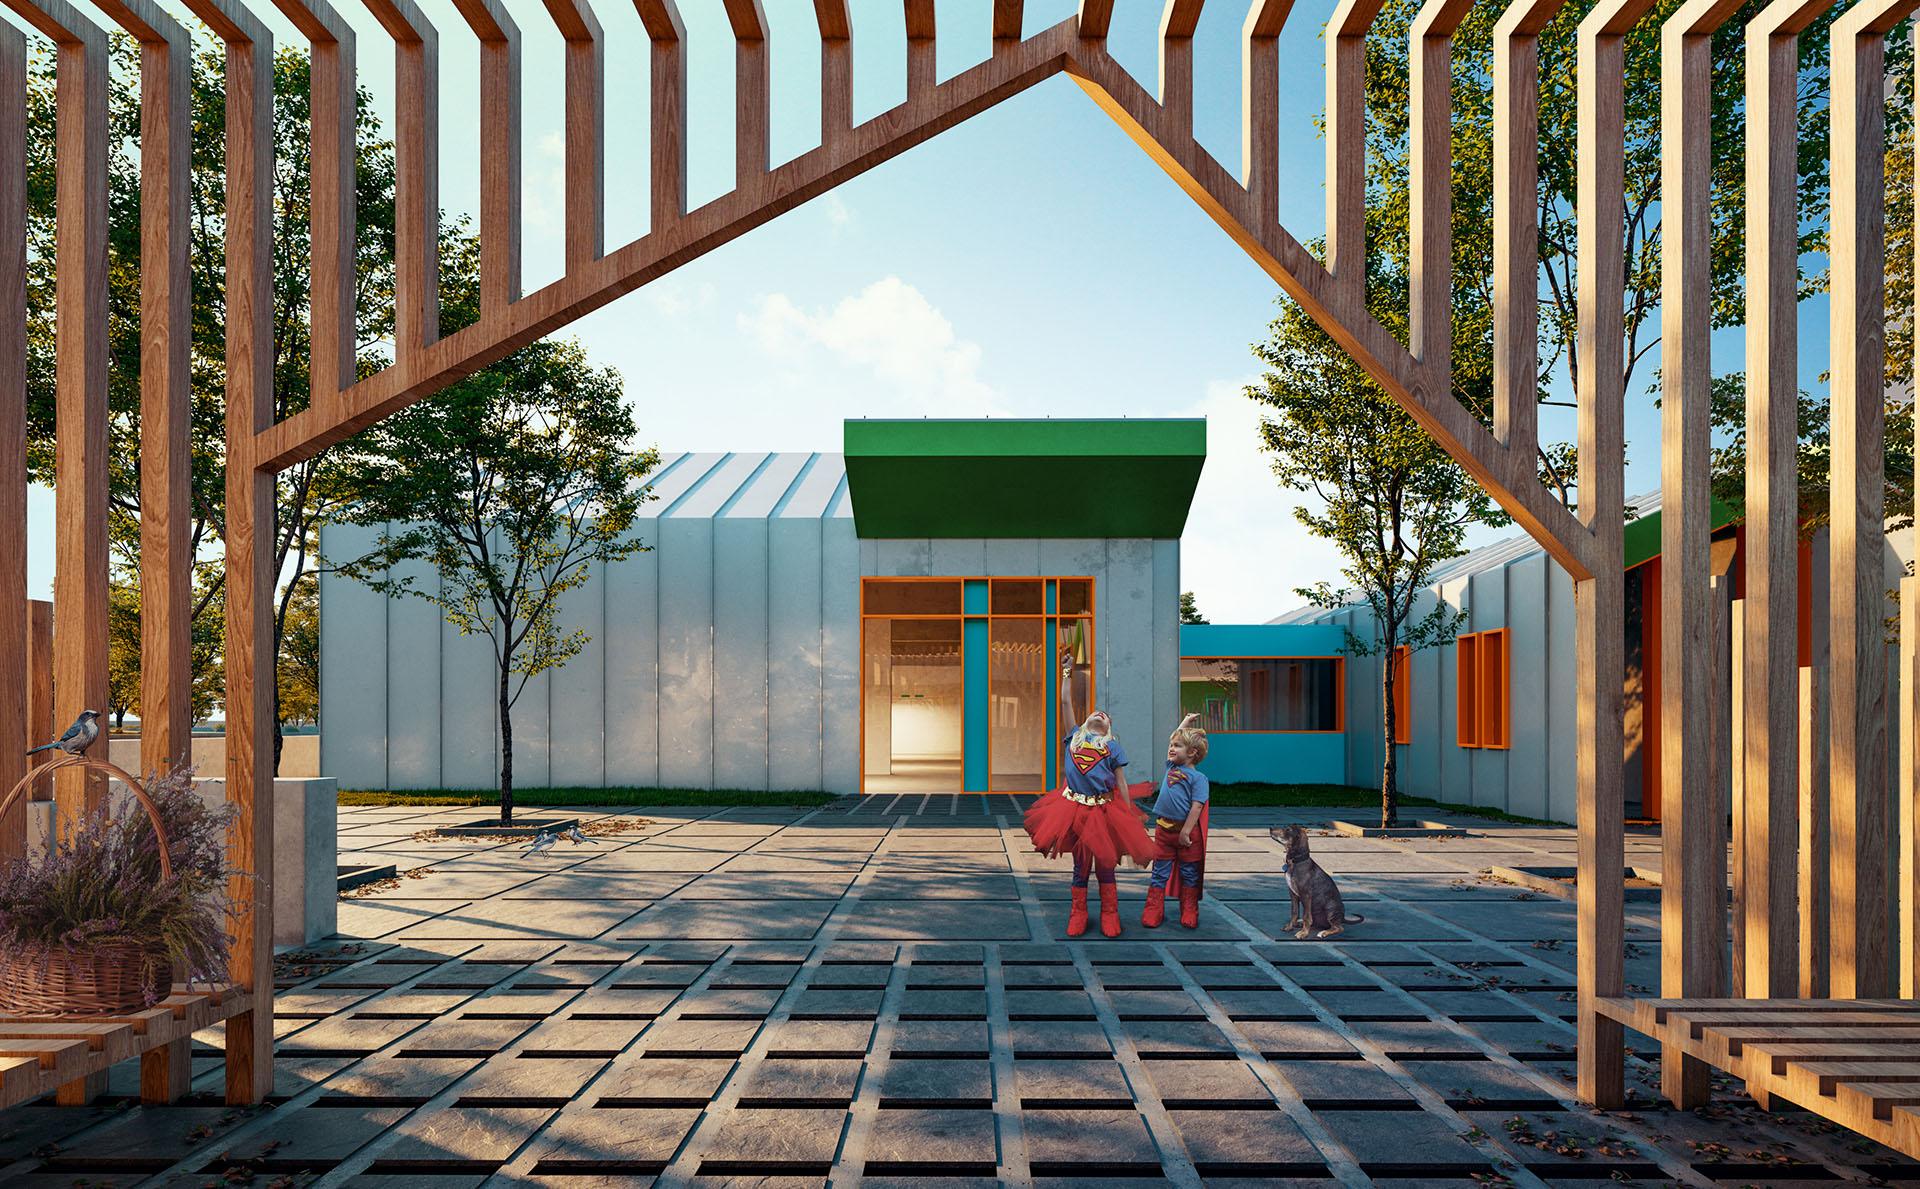 Refahiye Kindergarten